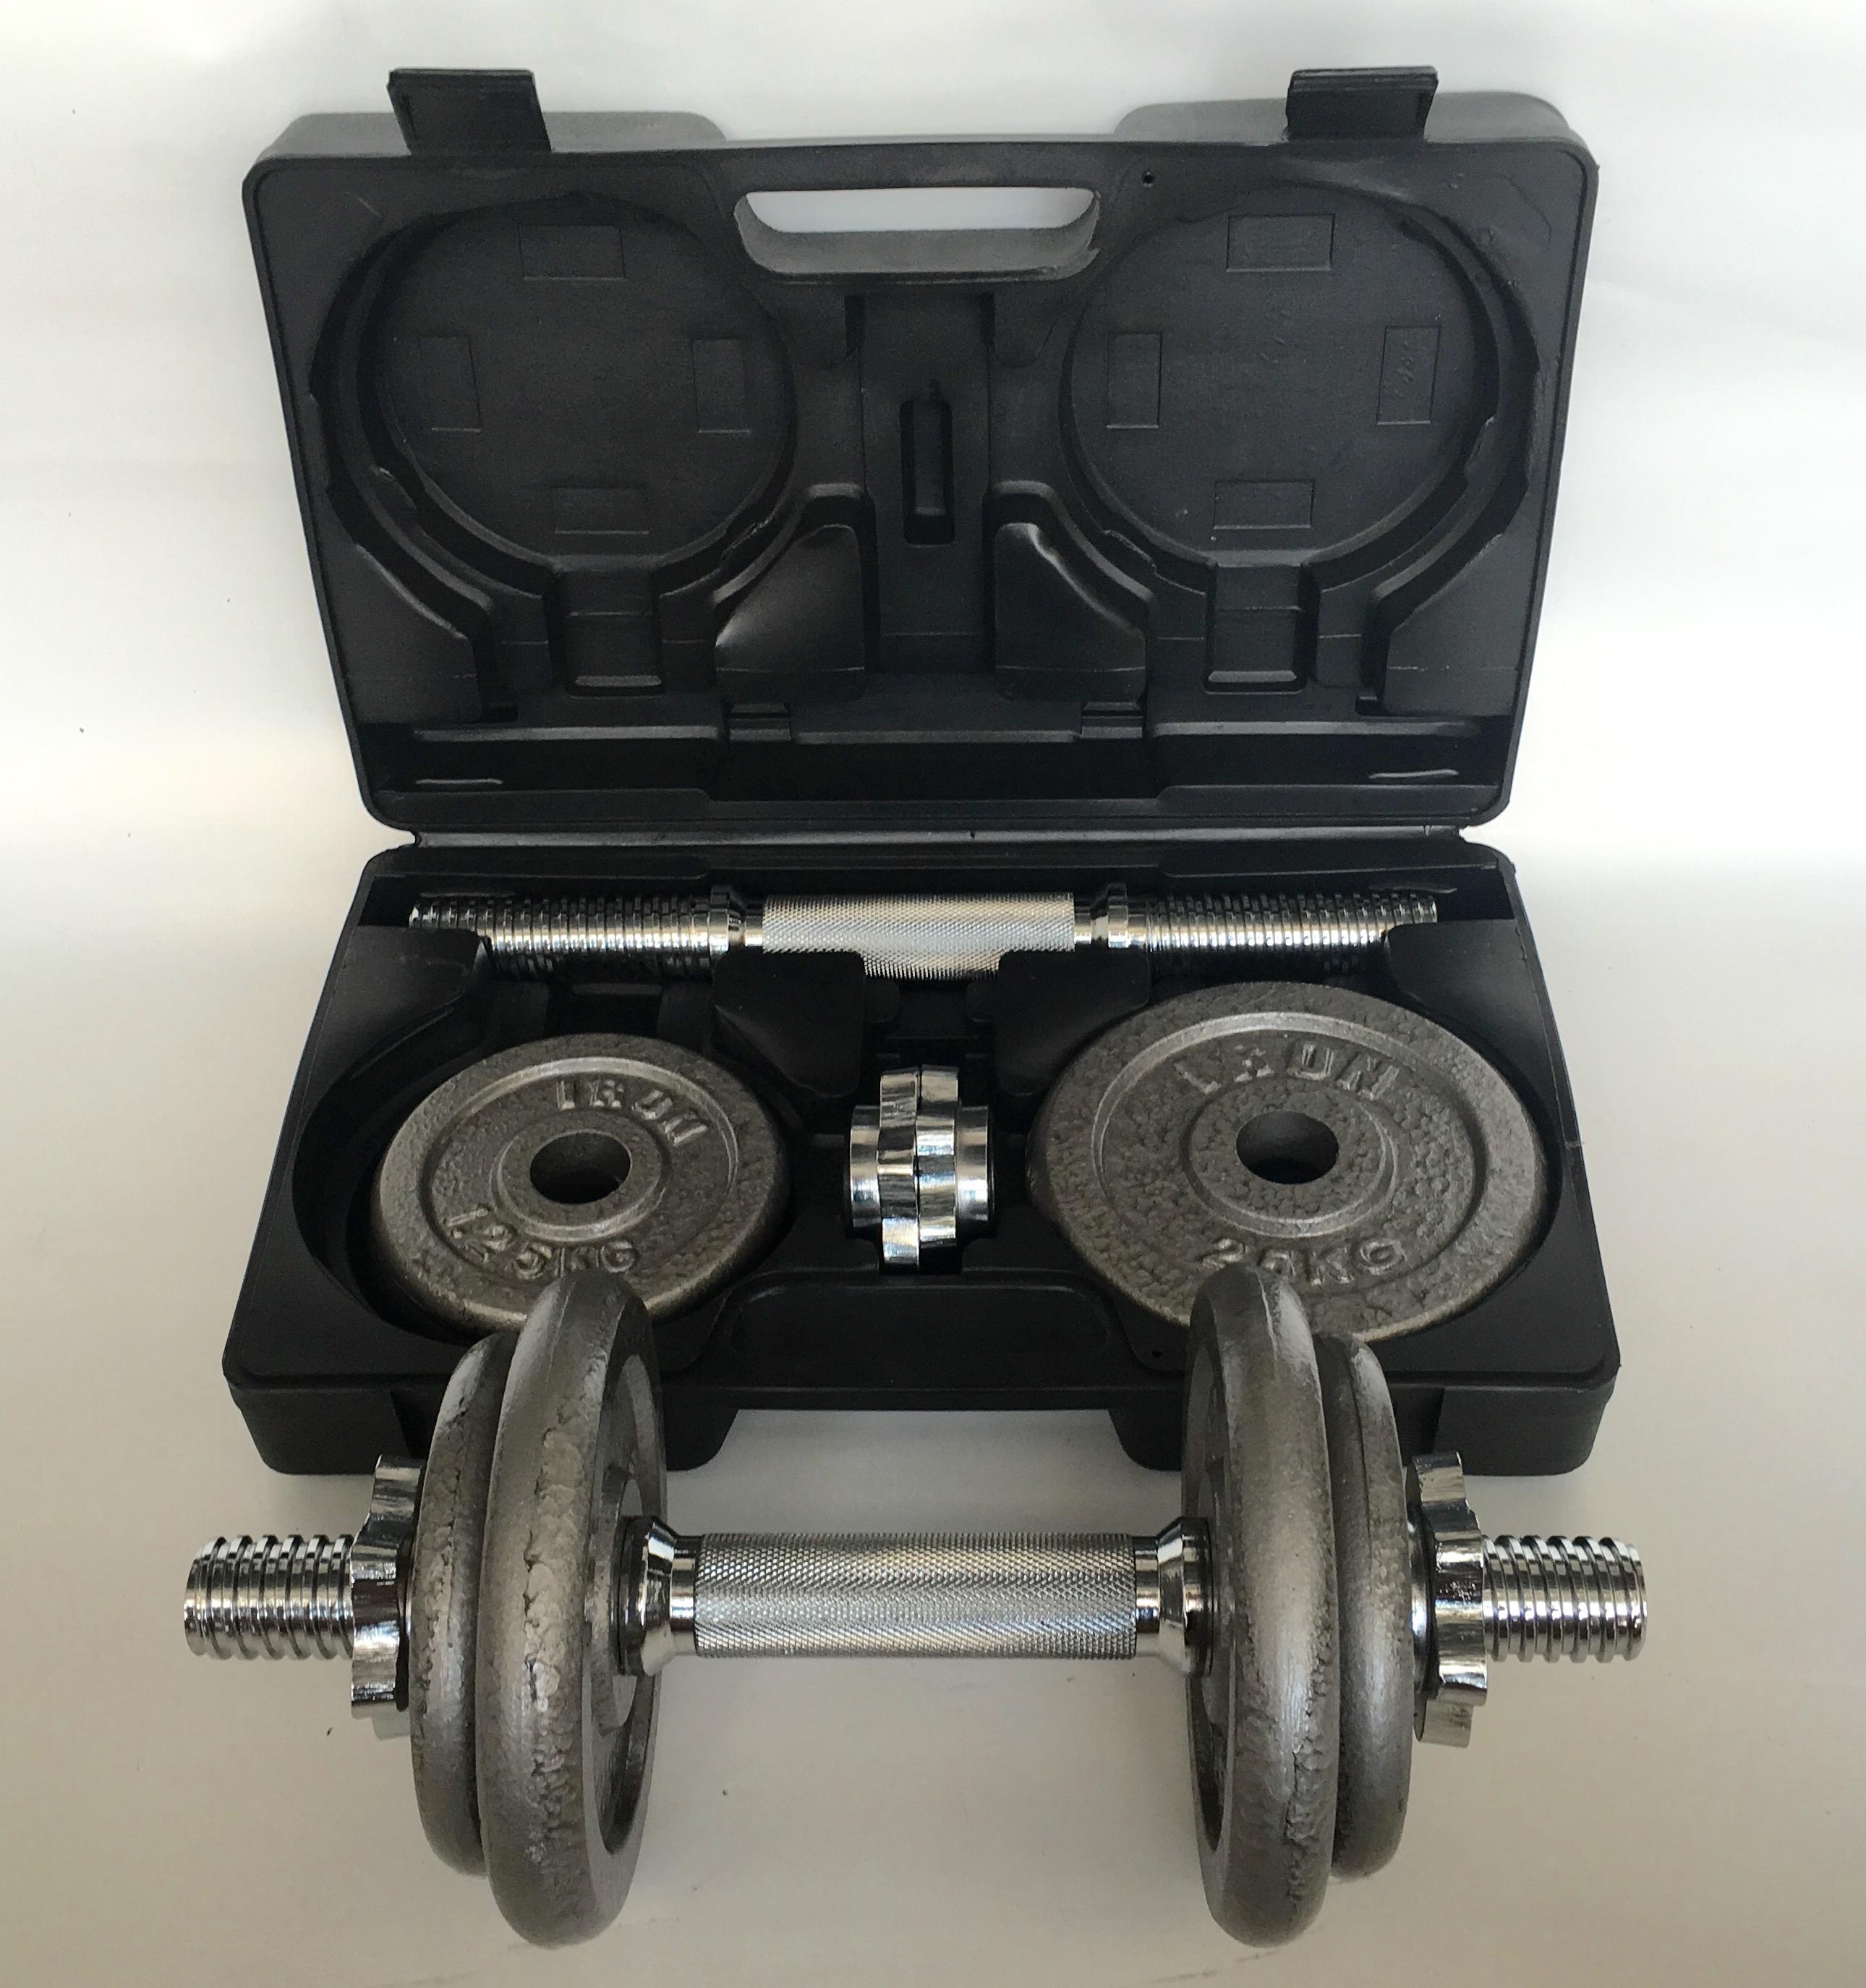 ขายเซทดัมเบล 20 กิโล พร้อมกล่องเก็บ - รุ่น IRON 103